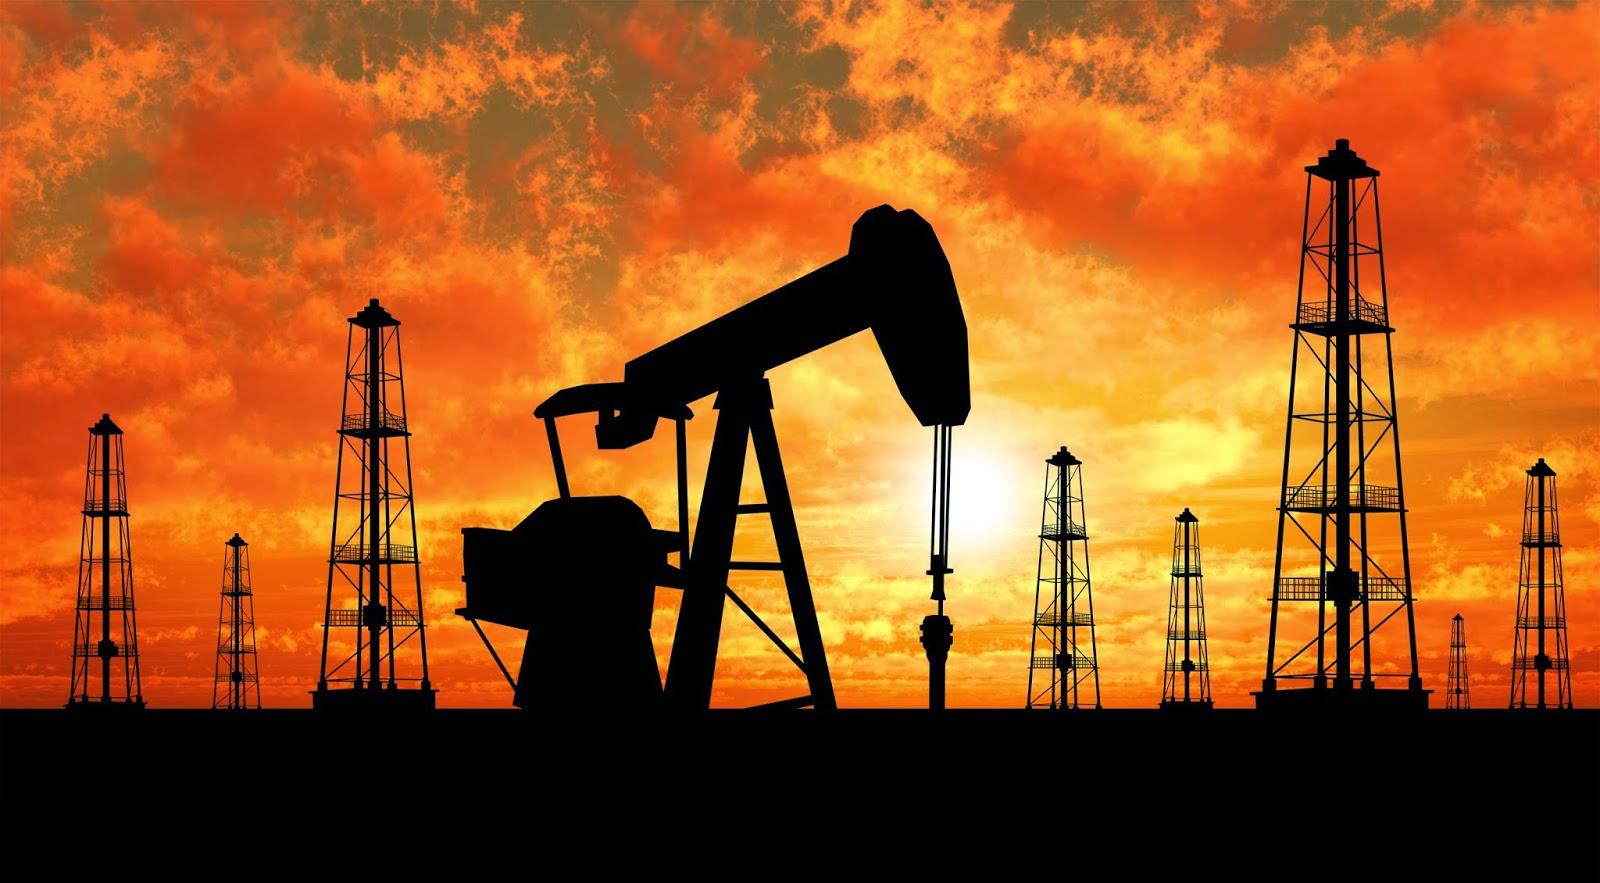 خام تیل کی قیمت پر روس کا سعودی عرب سے تعاون کرنے کی پیشکش